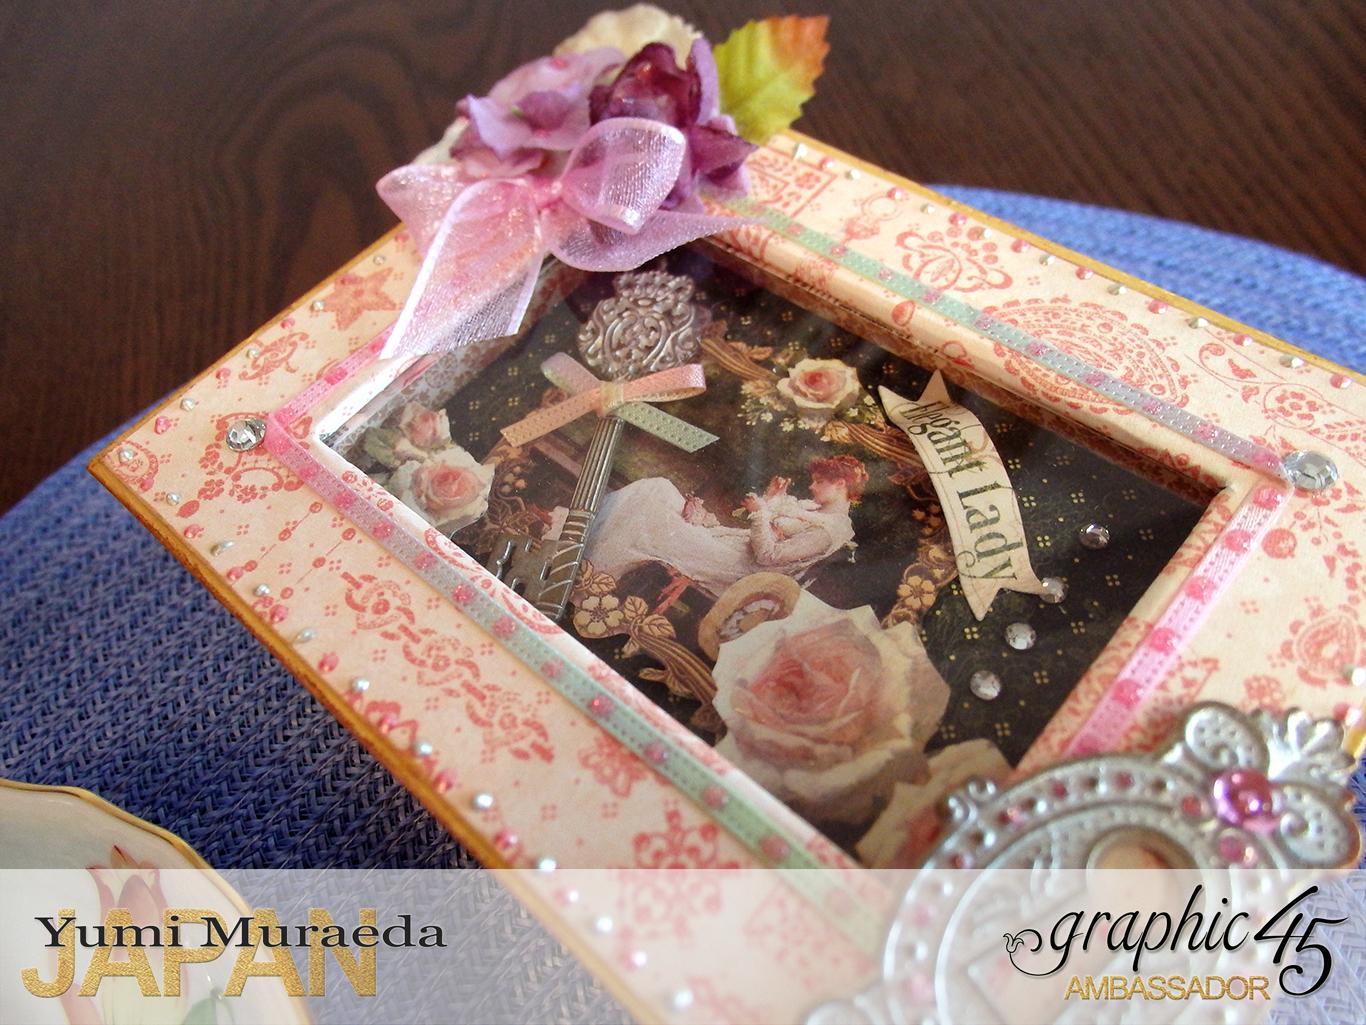 23yuyu3namecardboxGraphic45.jpg